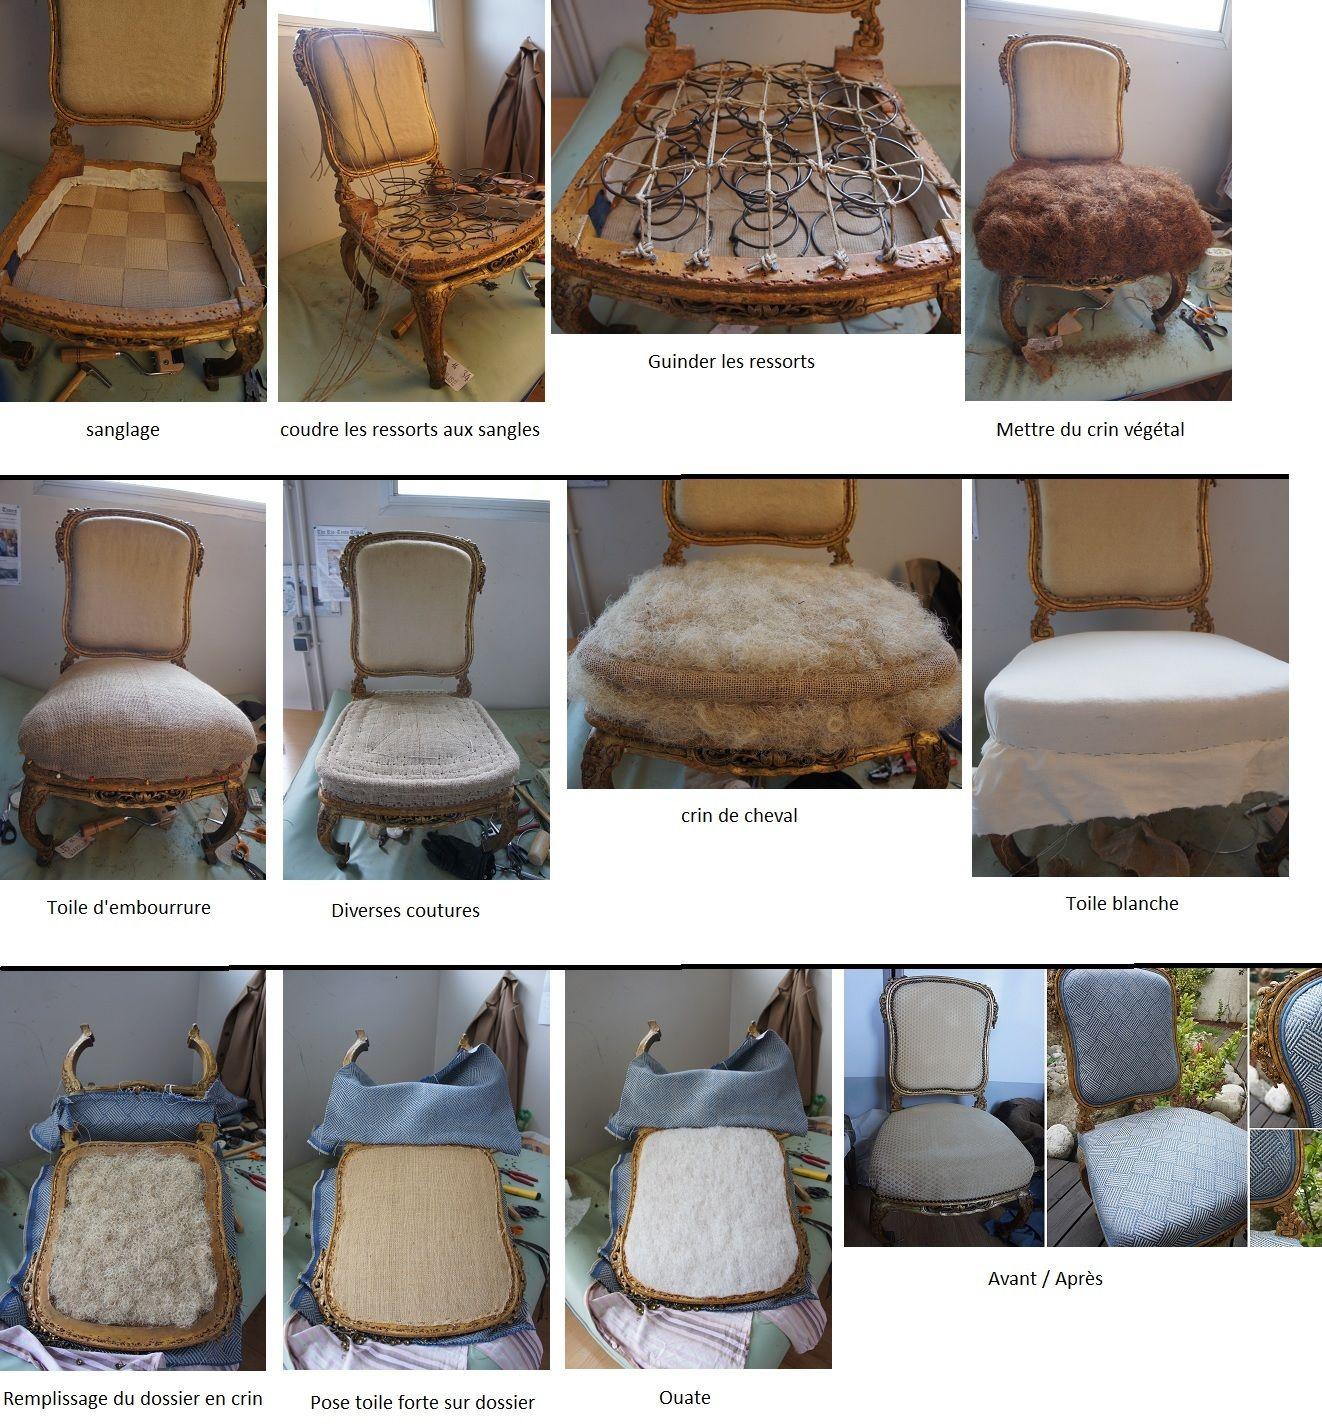 Comment Tapisser Une Chaise Ancienne comment retapisser une chauffeuse ? vous trouverez ci